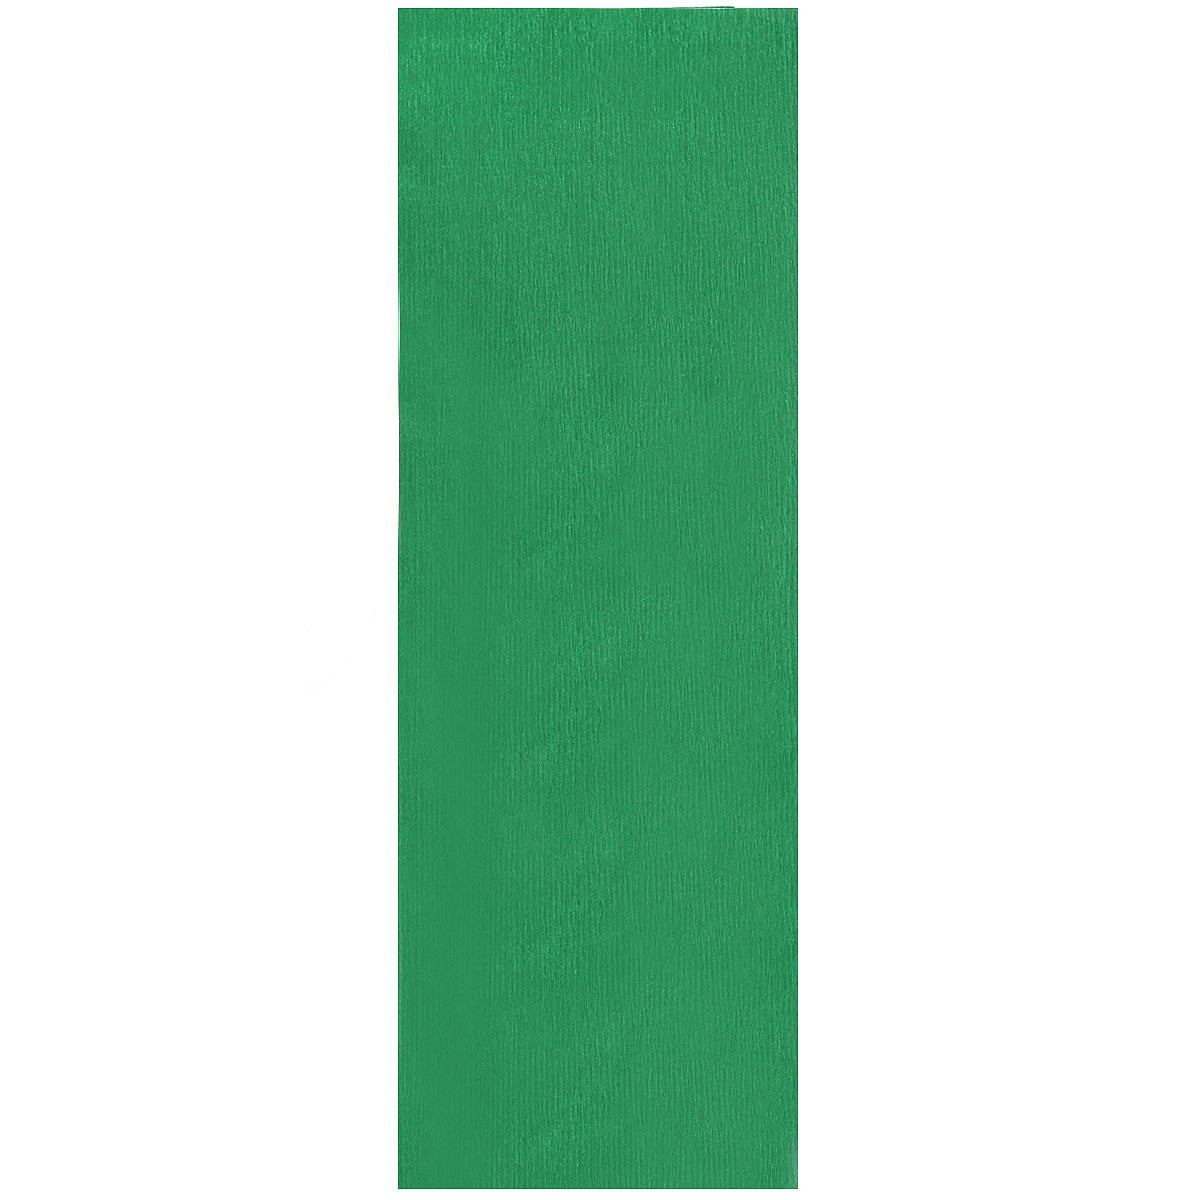 Бумага крепированная Проф-Пресс, металлизированная, цвет: зеленый, 50 см х 250 смБ-2305Крепированная металлизированная бумага Проф-Пресс - отличный вариант для воплощения творческих идей не только детей, но и взрослых. Она отлично подойдет для упаковки хрупких изделий, при оформлении букетов, создании сложных цветовых композиций, для декорирования и других оформительских работ. Бумага обладает повышенной прочностью и жесткостью, хорошо растягивается, имеет жатую поверхность.Кроме того, металлизированная бумага Проф-Пресс поможет увлечь ребенка, развивая интерес к художественному творчеству, эстетический вкус и восприятие, увеличивая желание делать подарки своими руками, воспитывая самостоятельность и аккуратность в работе. Такая бумага поможет вашему ребенку раскрыть свои таланты.